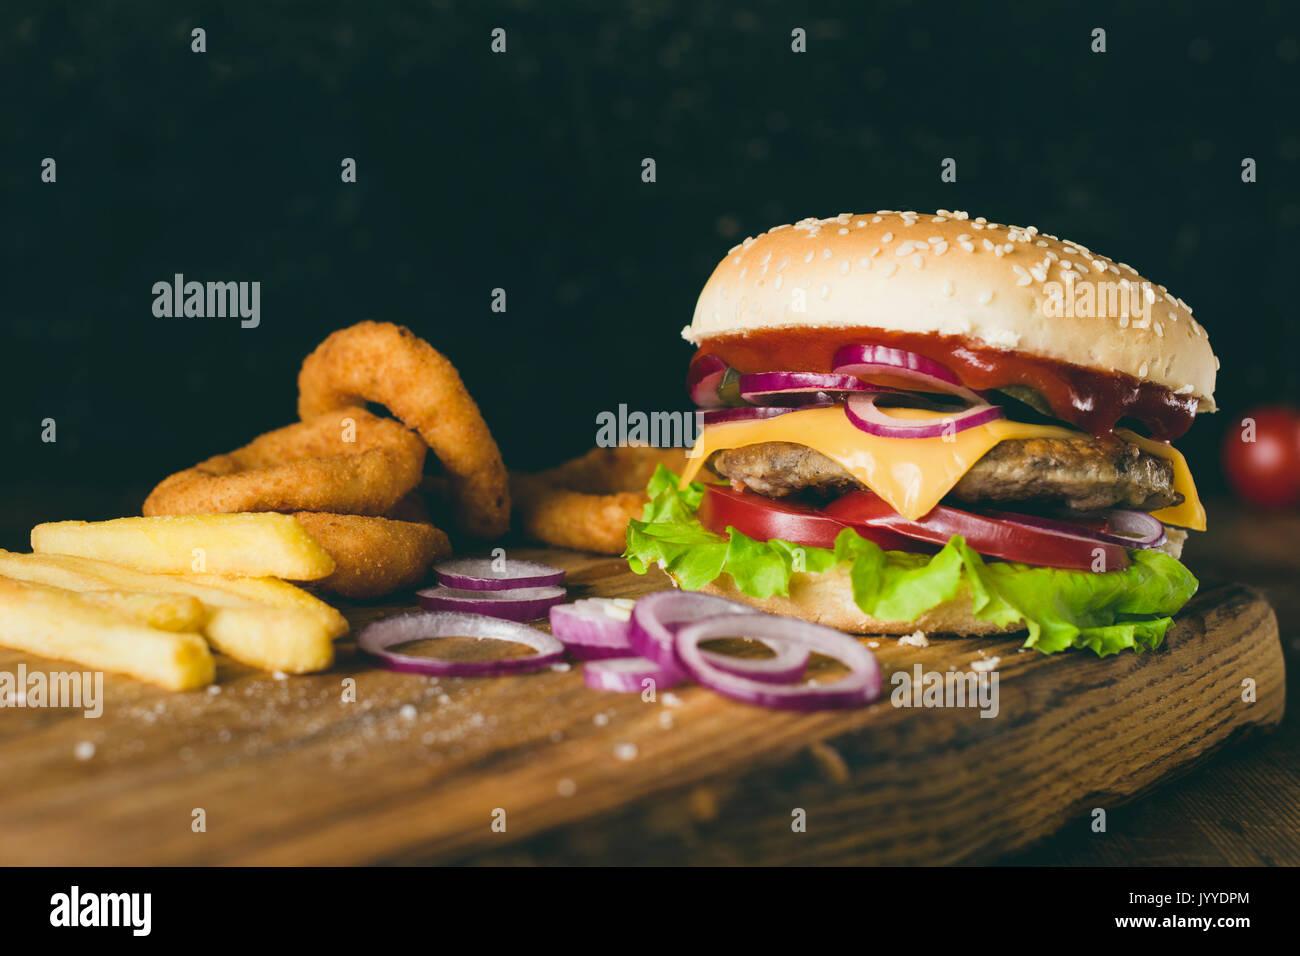 Cheeseburger, patatine fritte e anelli di cipolla sul tagliere di legno su sfondo di legno. Vista ingrandita, il fuoco selettivo. Il fast food concept Immagini Stock